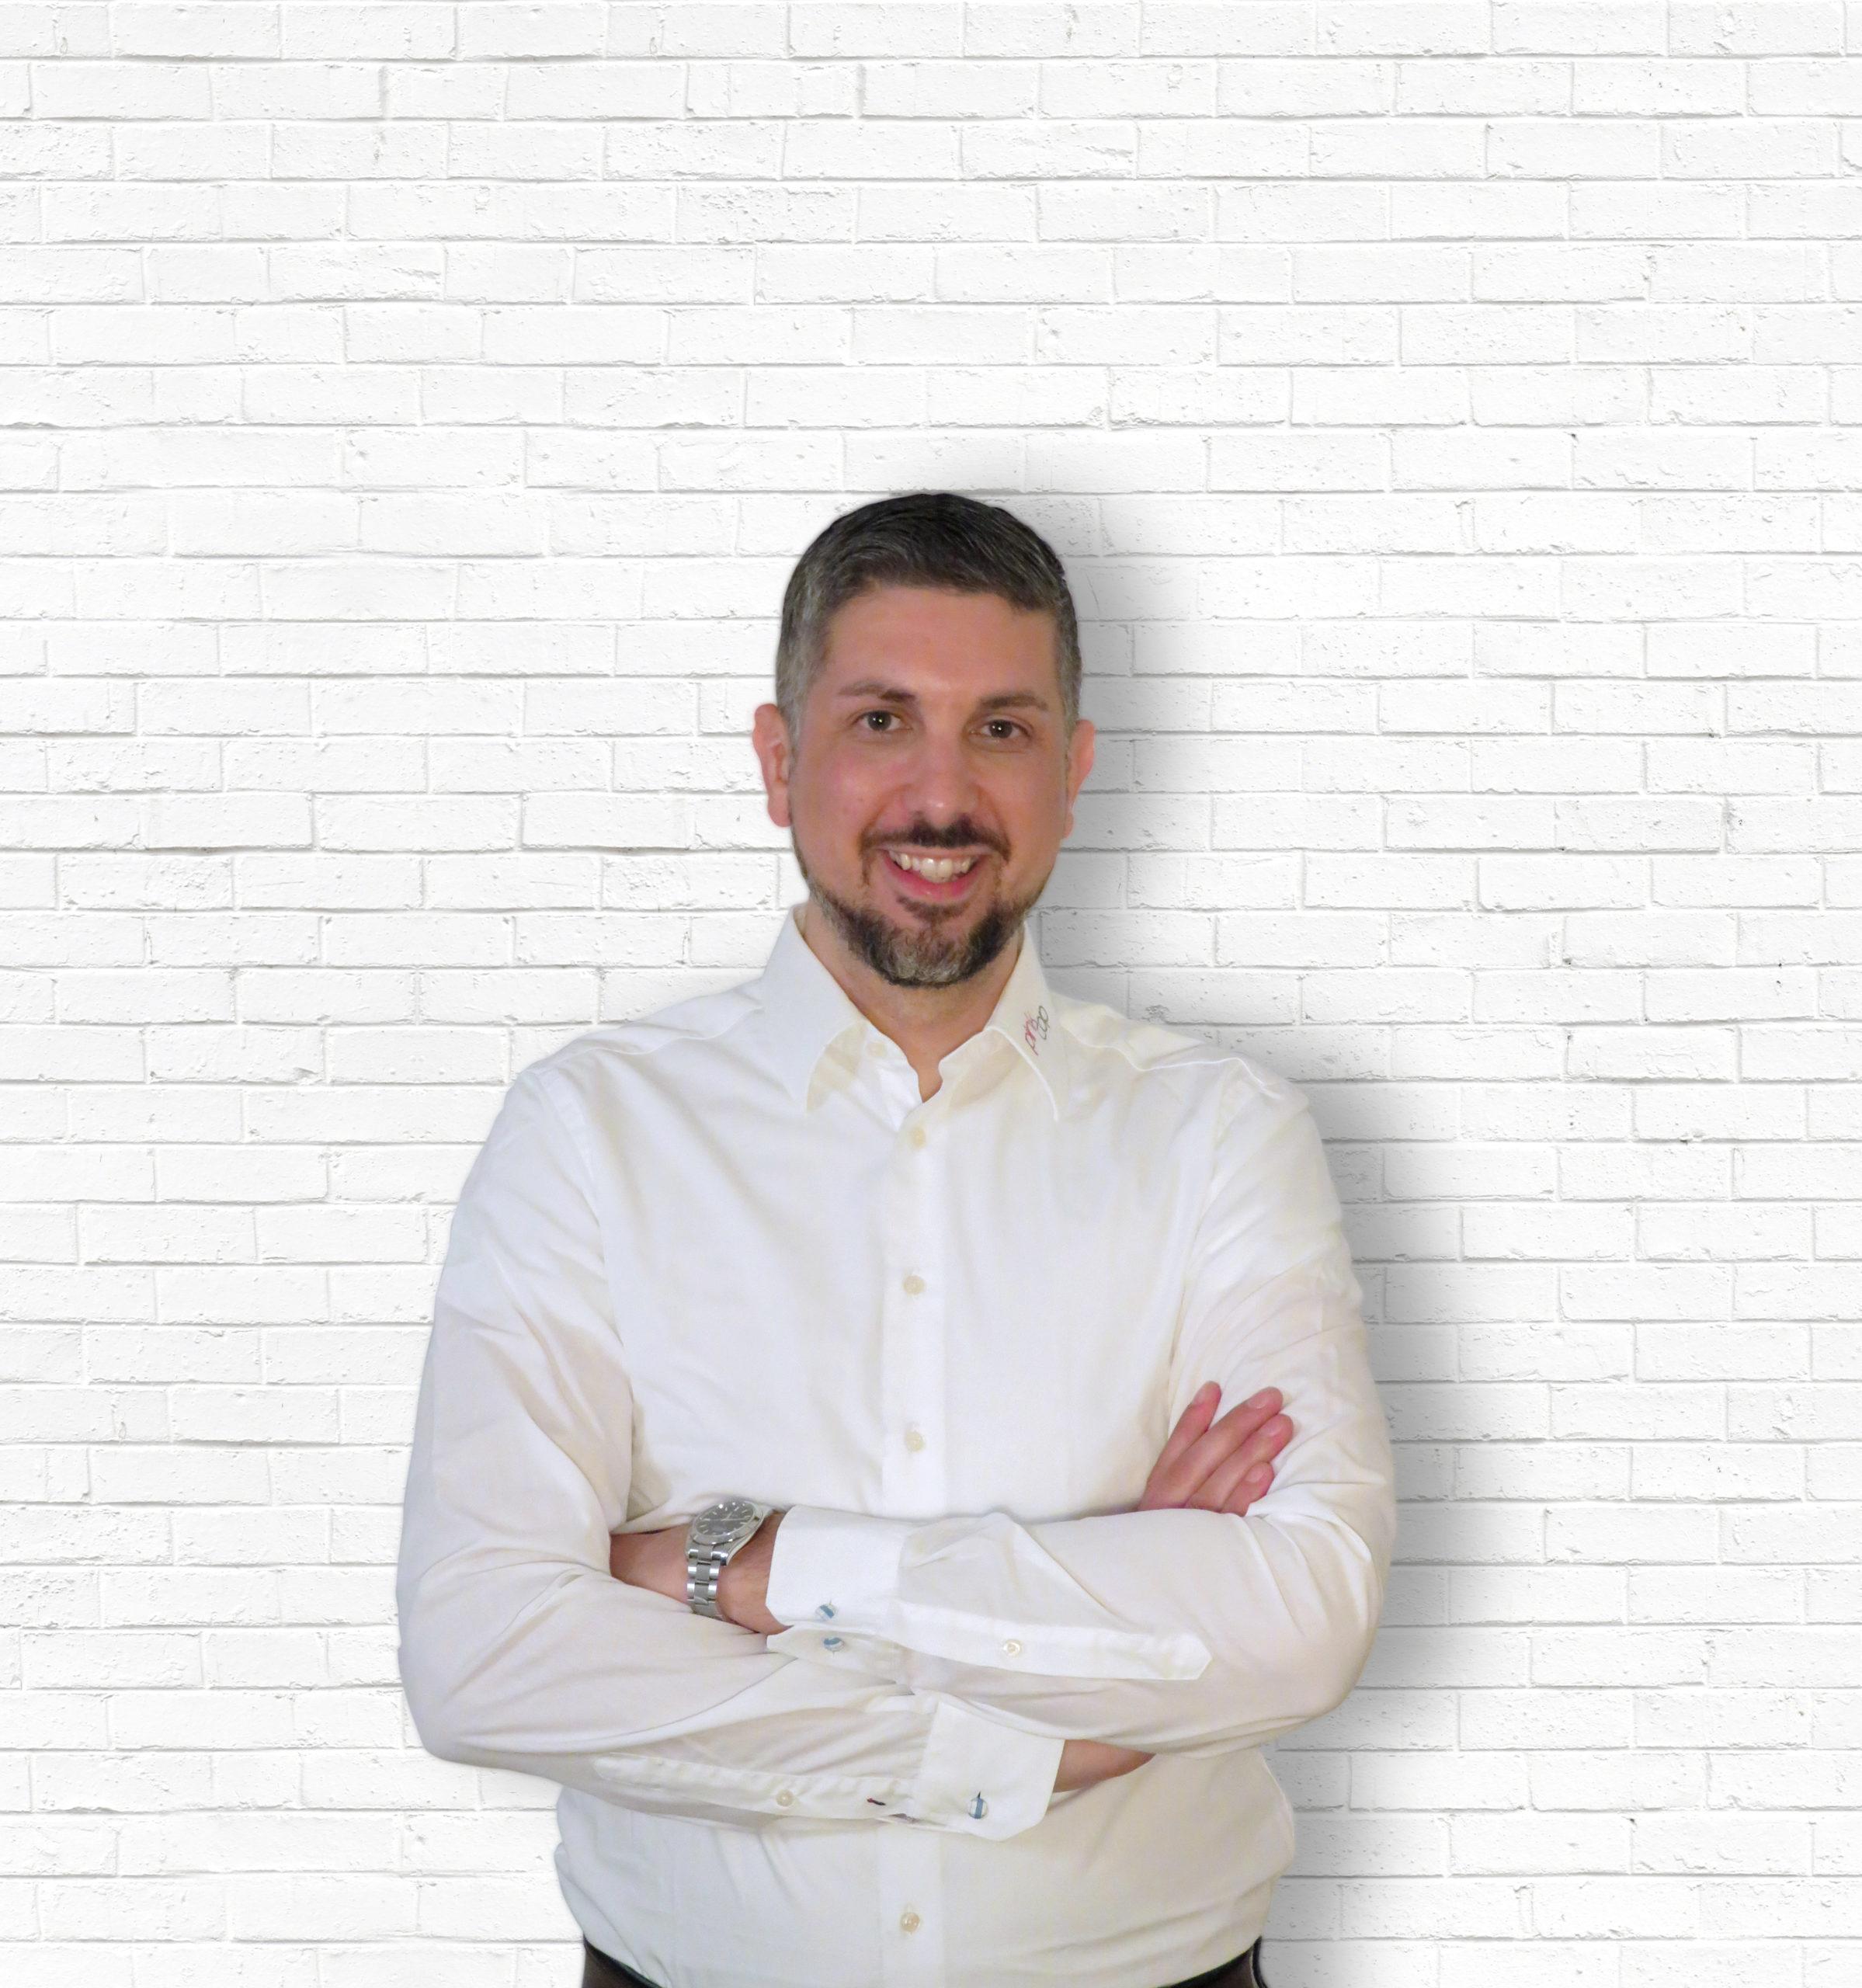 David Bertani